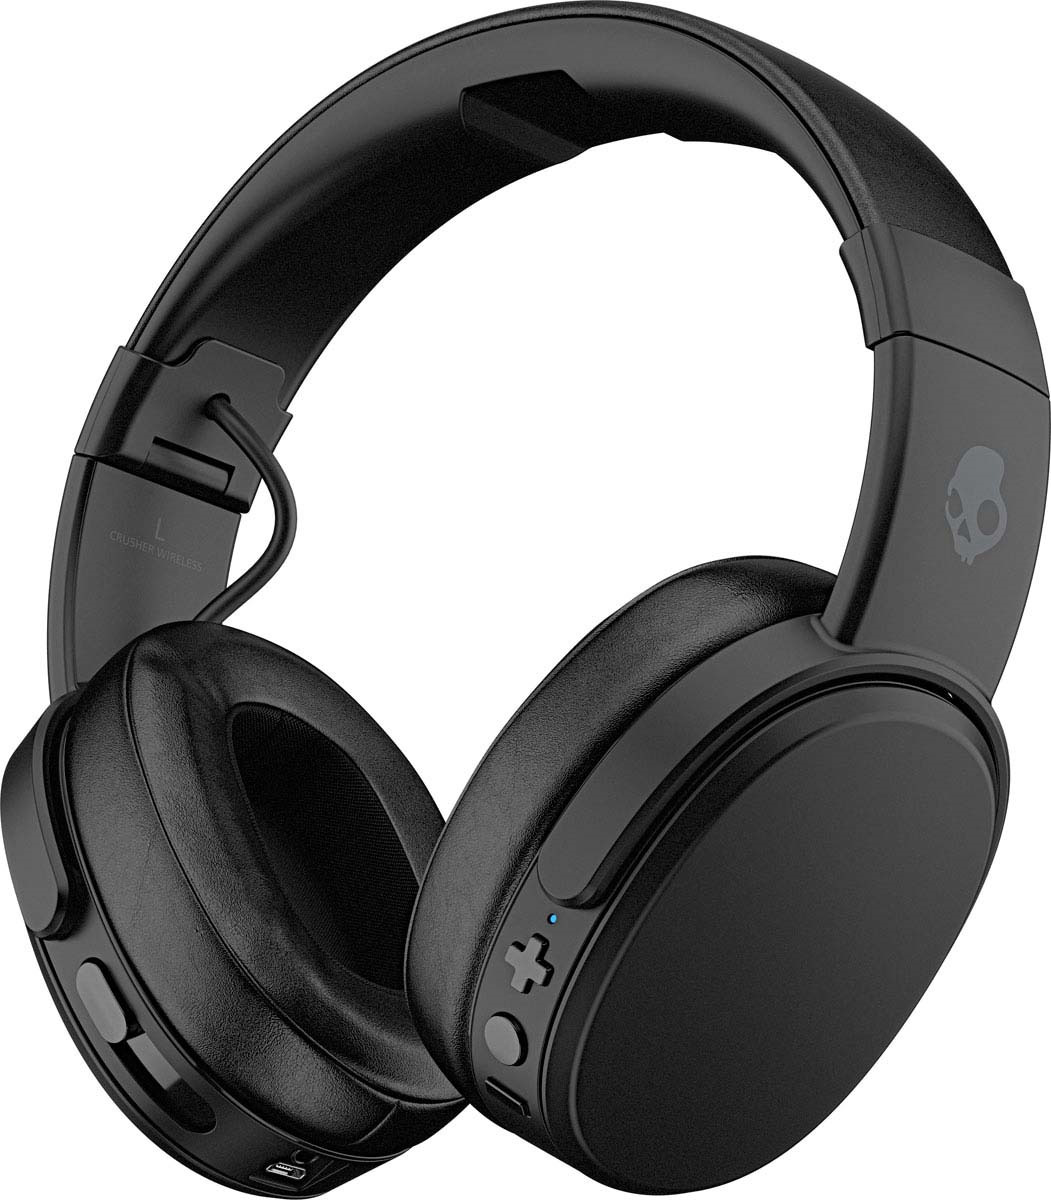 Фото - Беспроводные наушники Skullcandy Crusher Wireless, черный наушники skullcandy stim s2lhy k569 синий